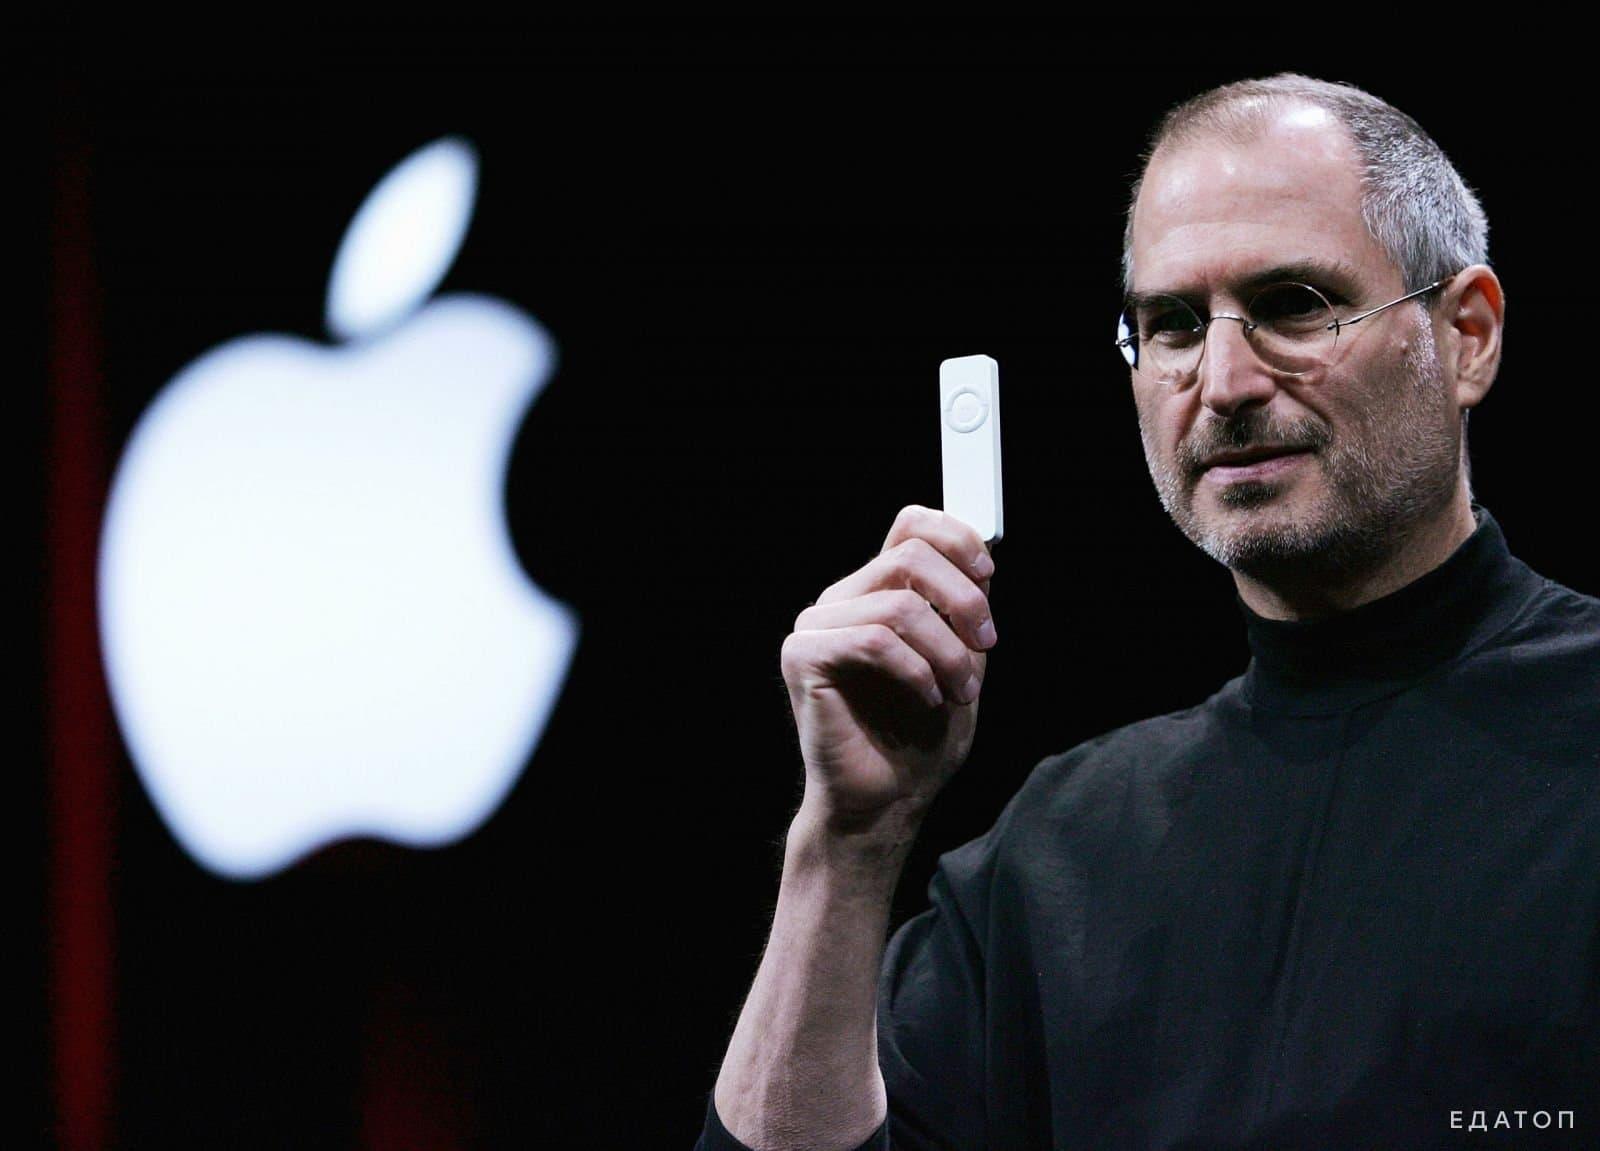 Стив Джоб, основатель компании Apple, был фрукторианцем.